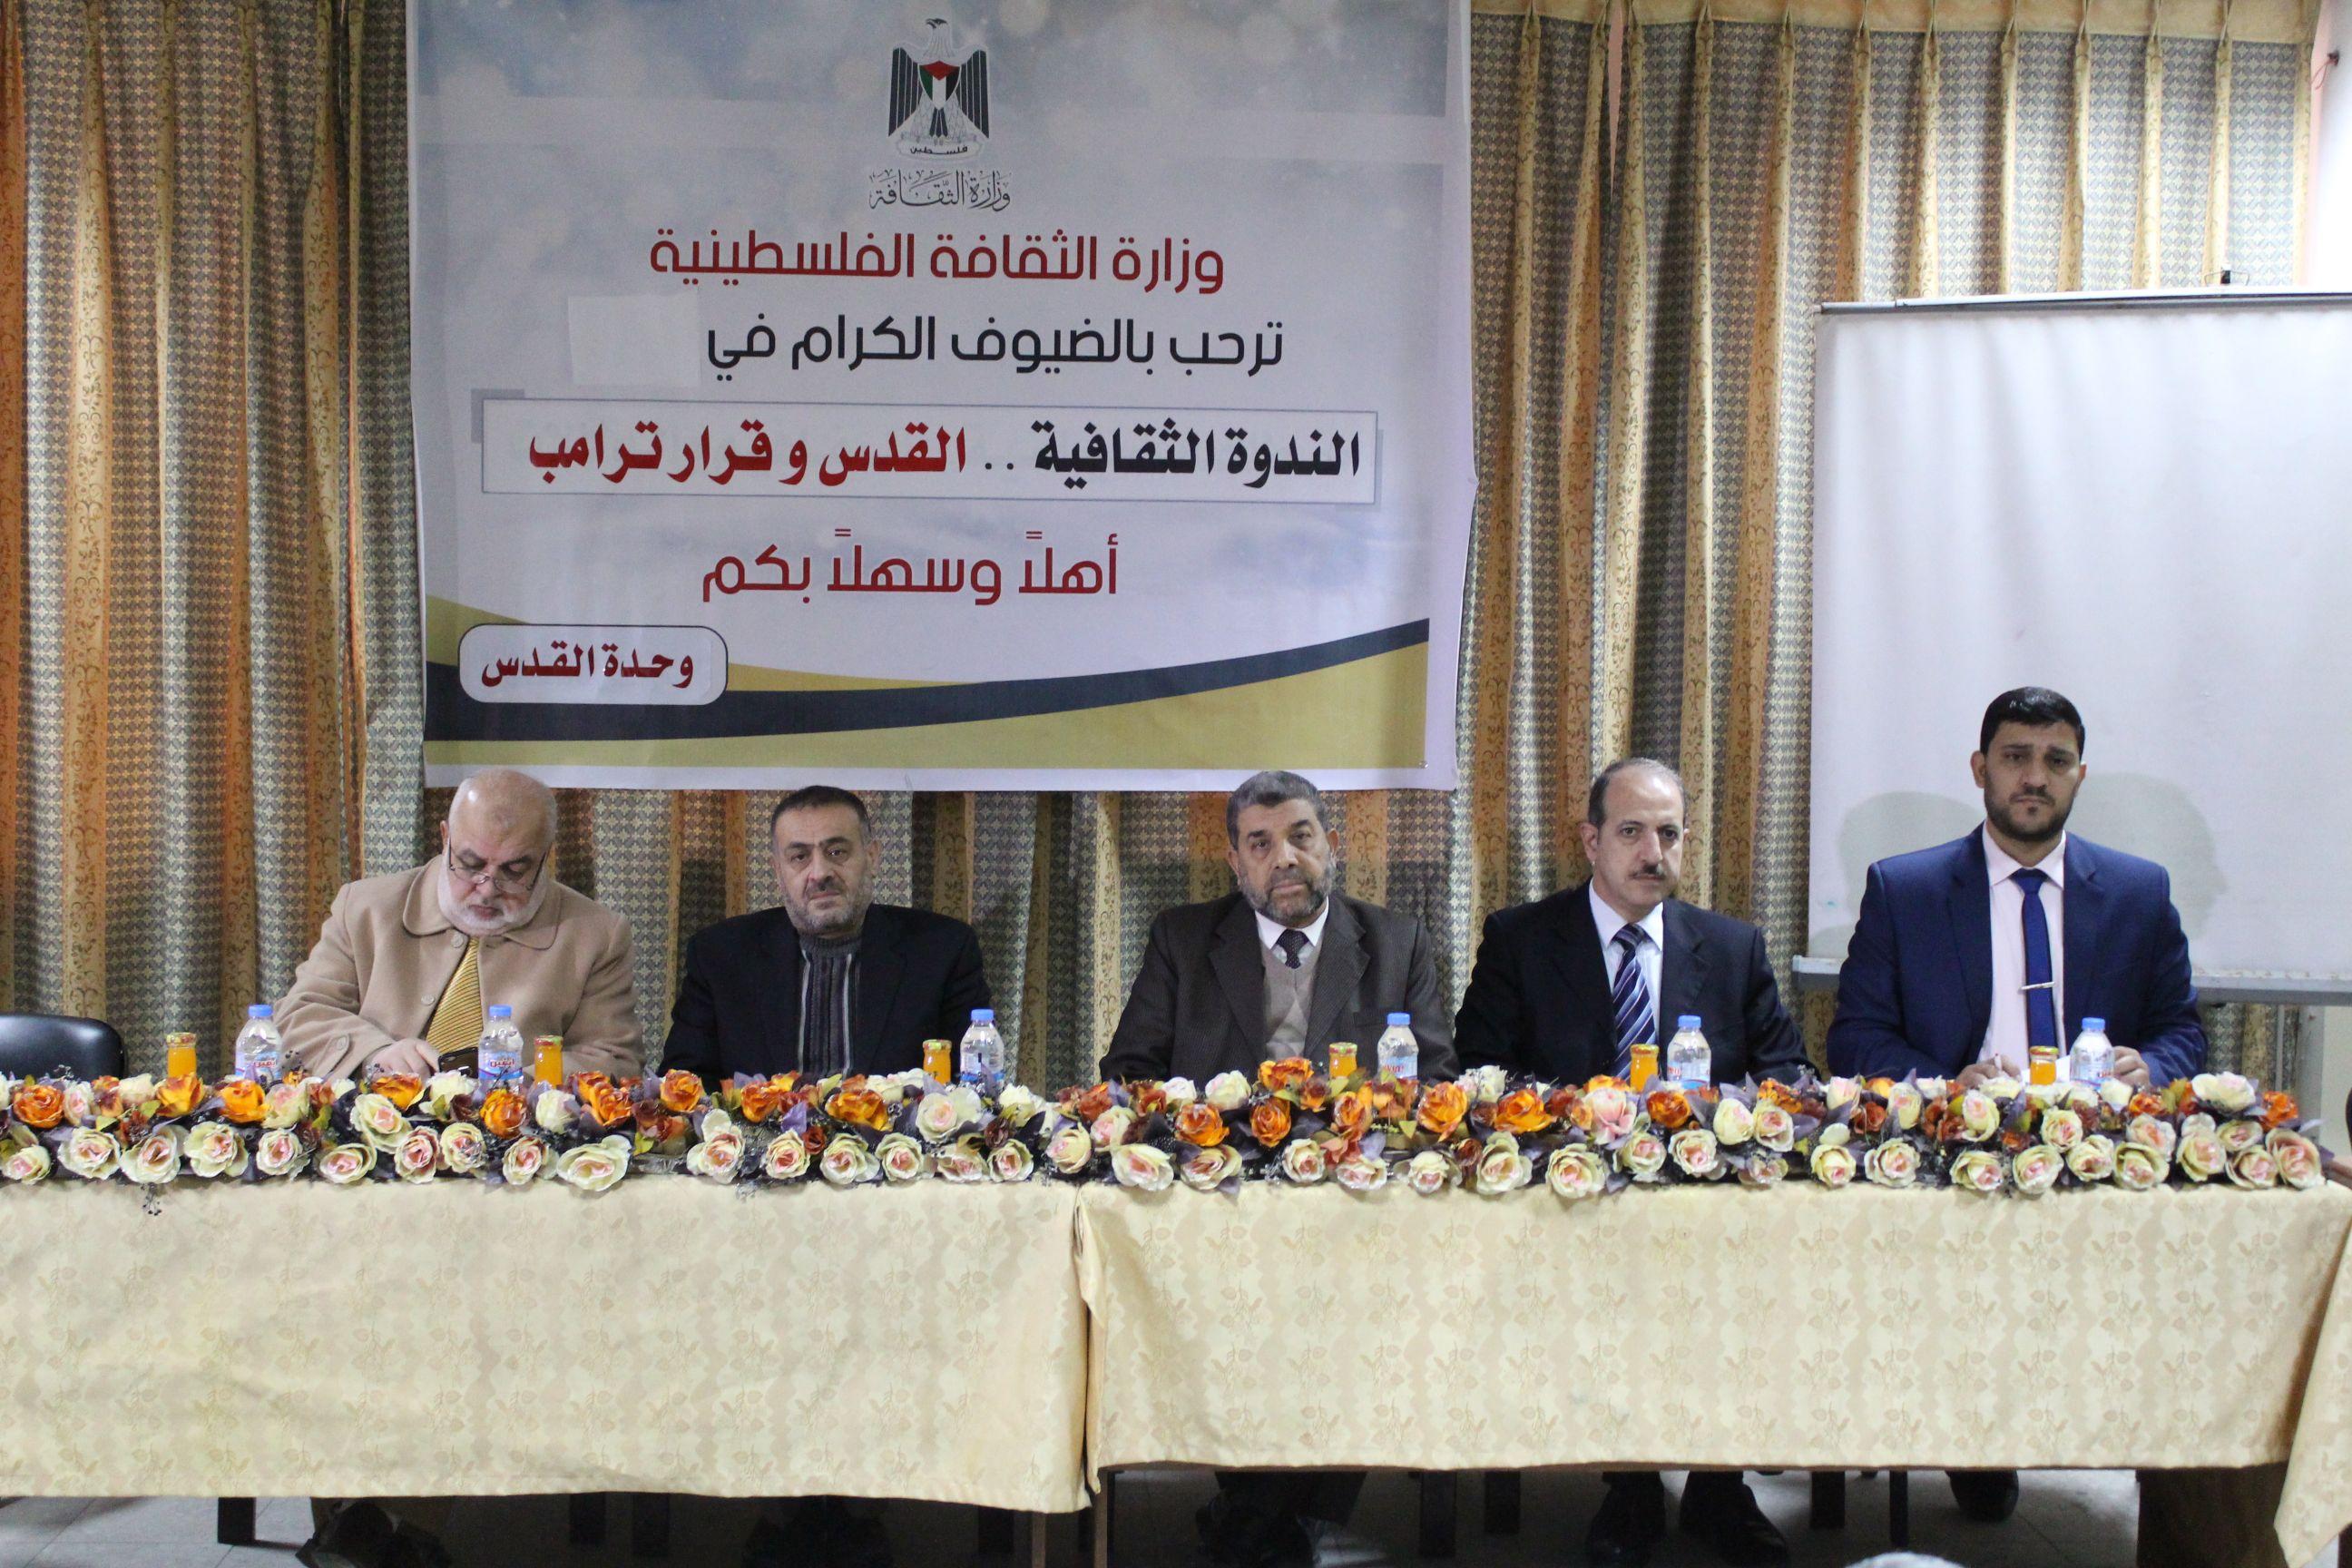 وزارة الثقافة تنظم ندوة حول القدس وقرار ترامب